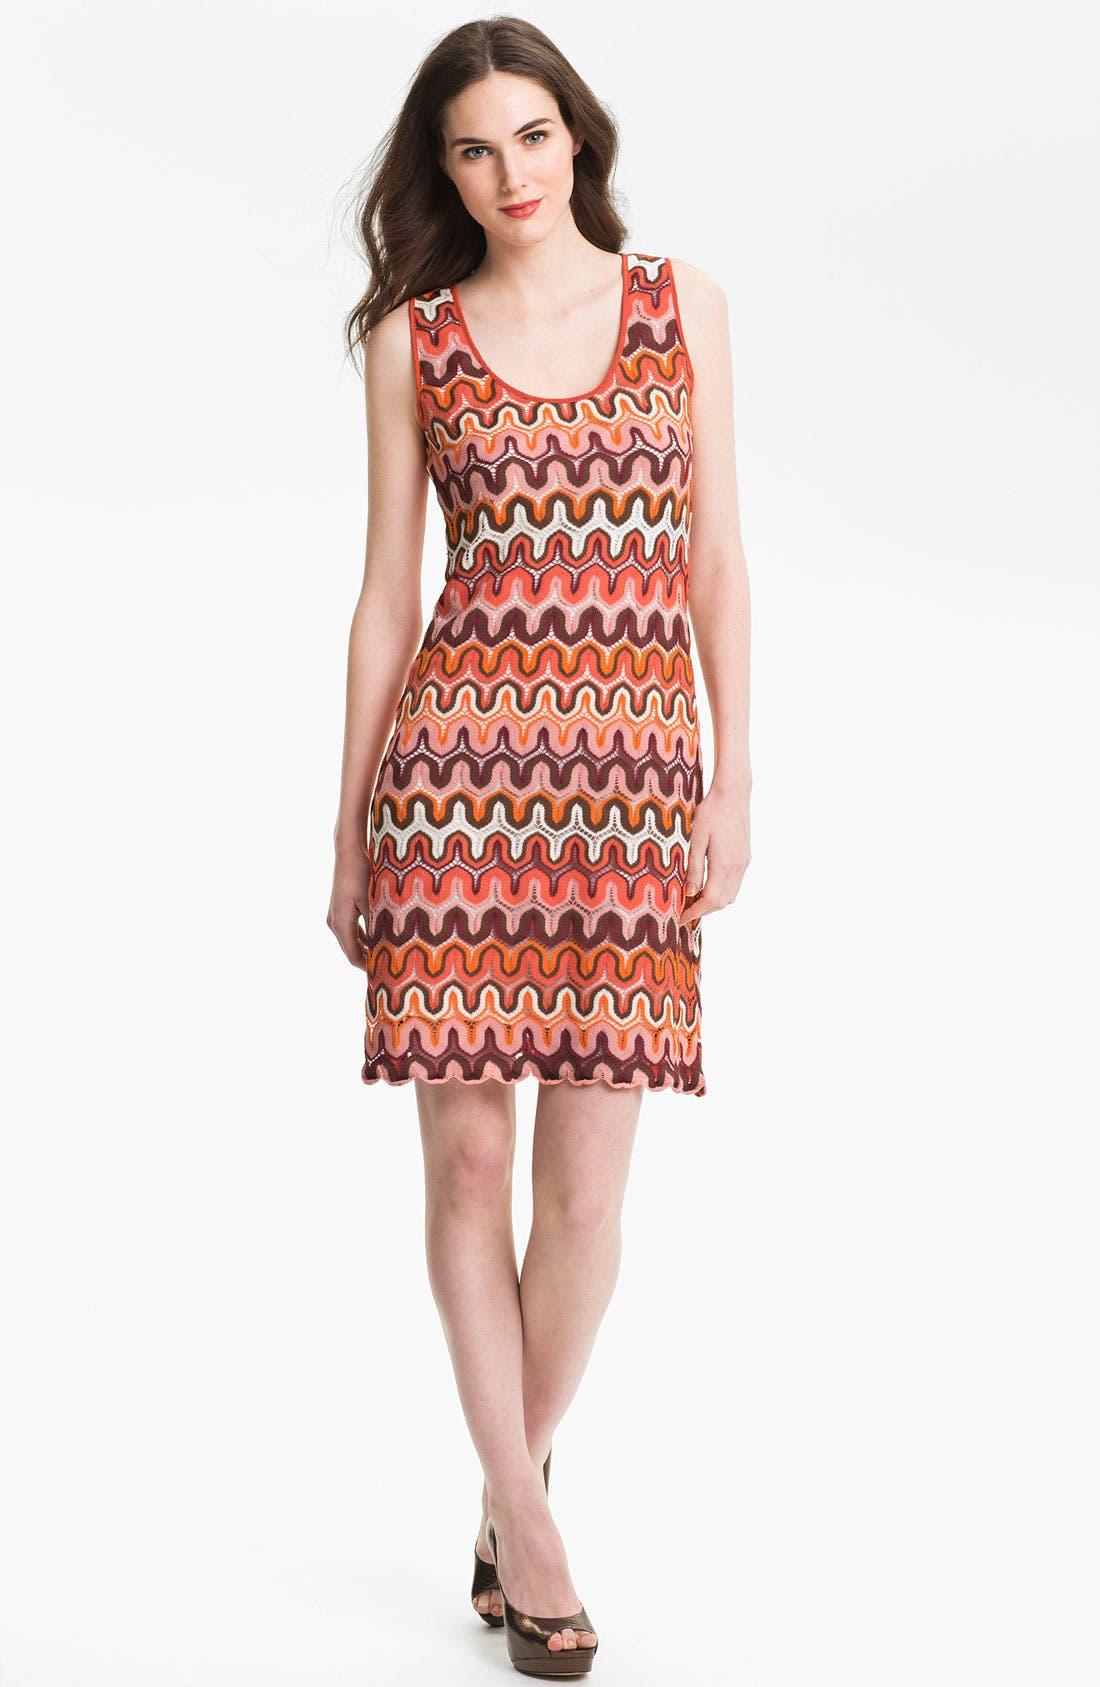 Alternate Image 1 Selected - Karen Kane Crochet Tank Dress